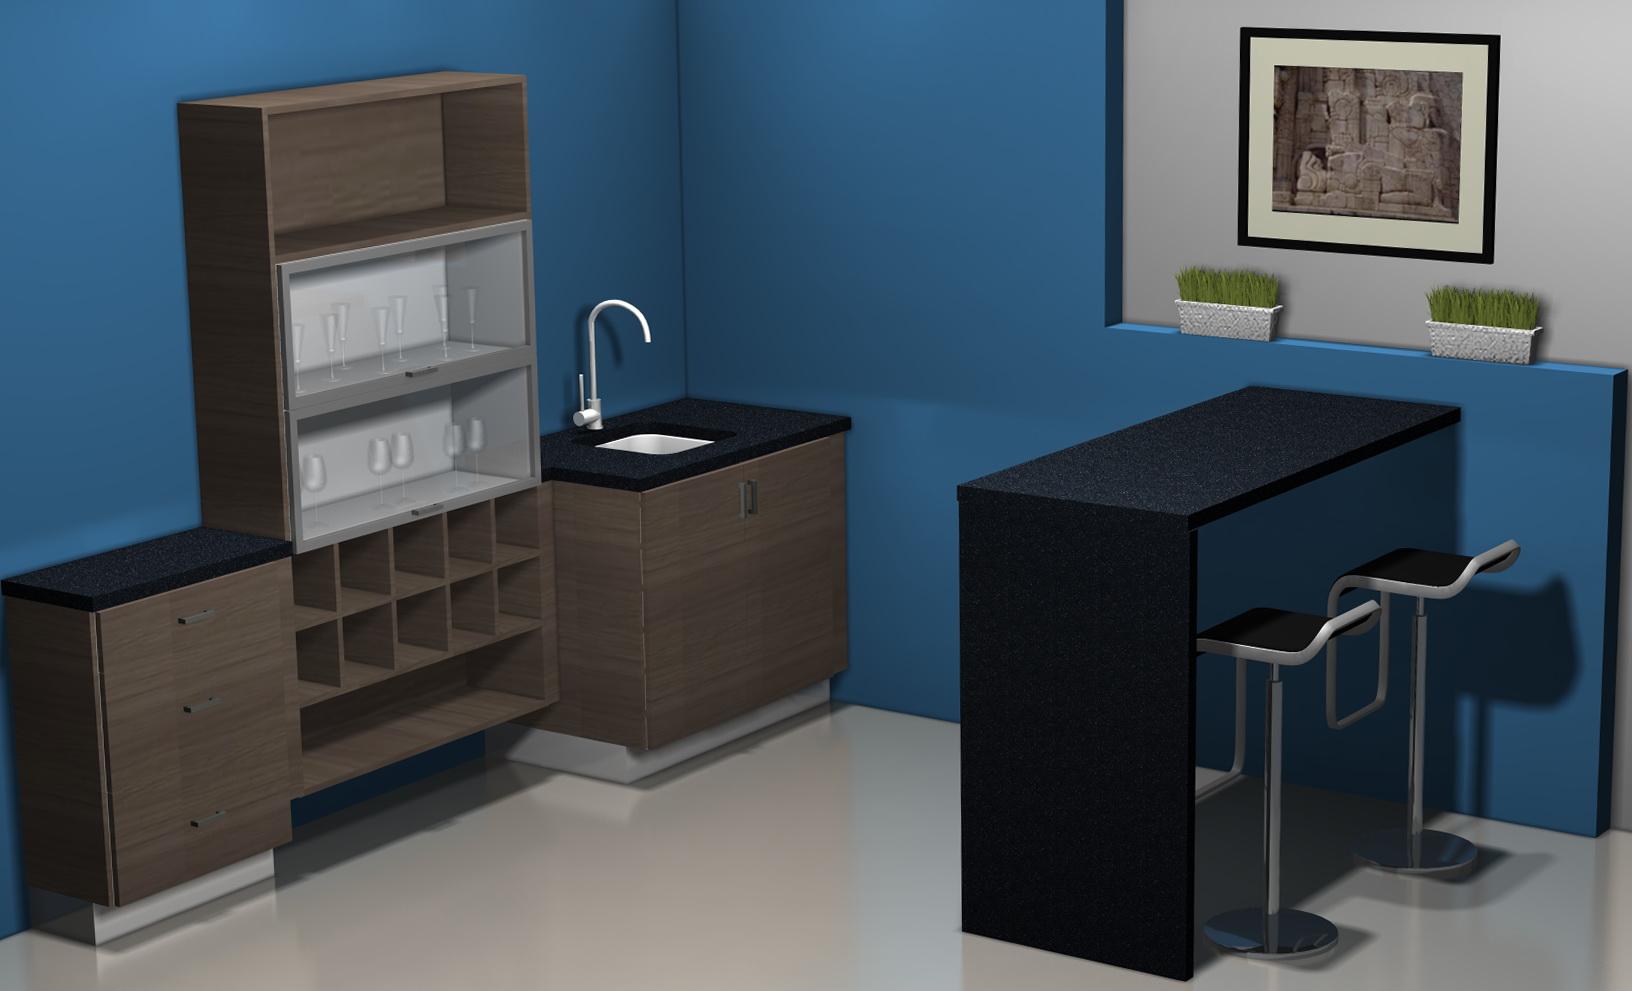 Liquor Cabinet Ikea Design